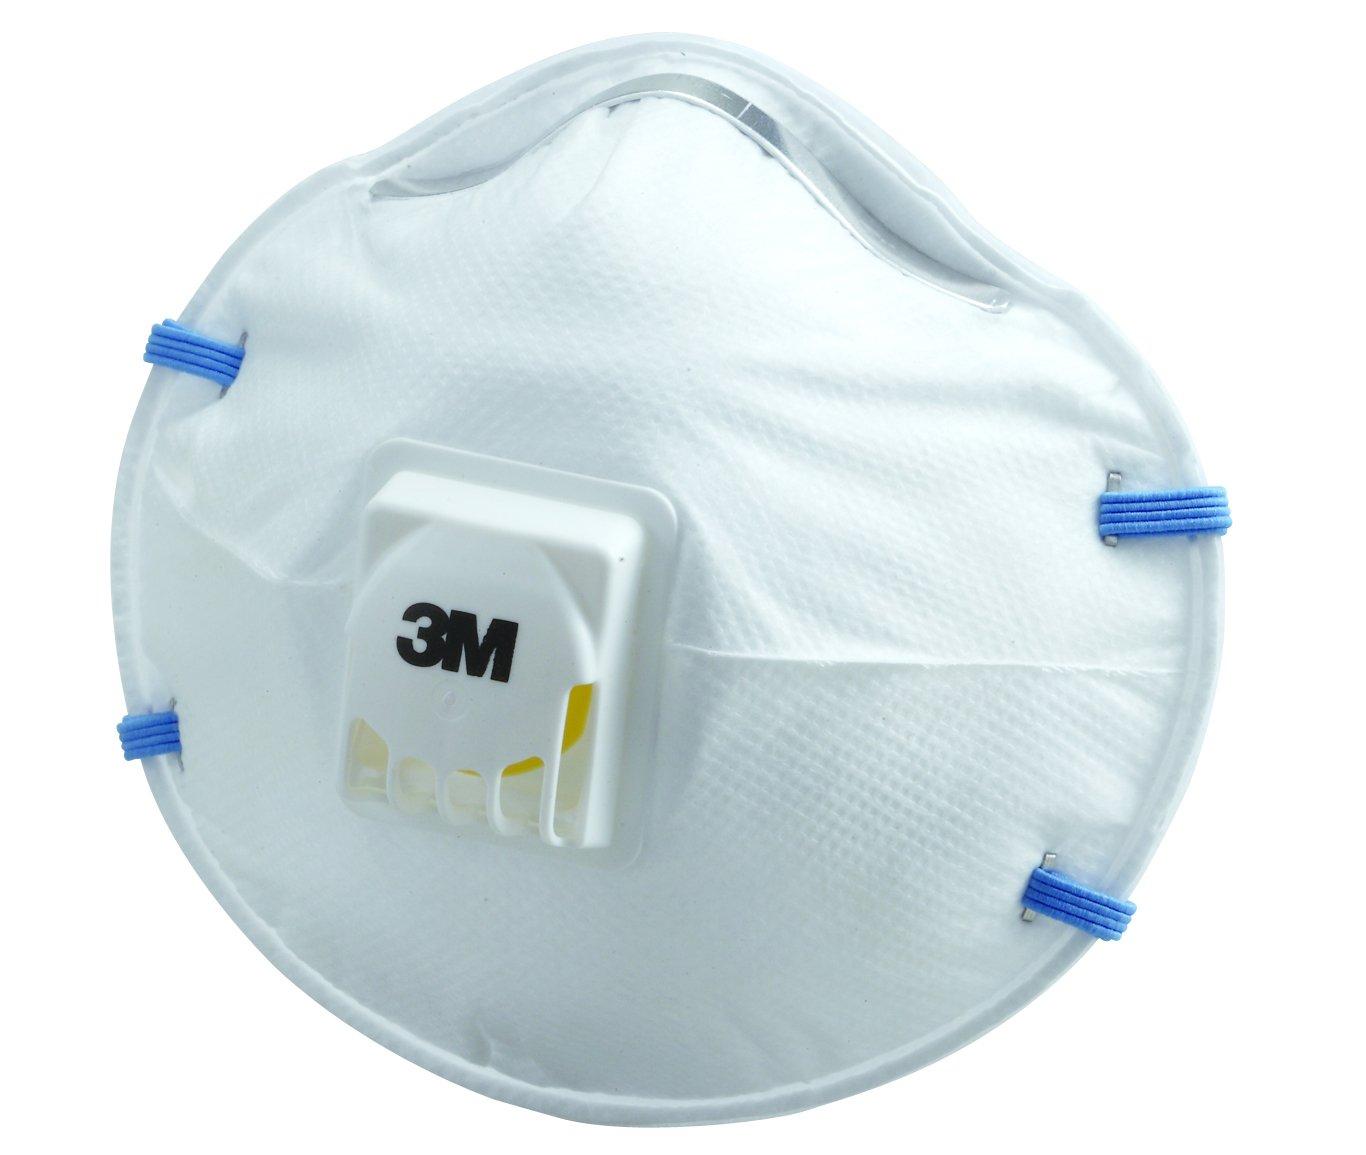 3M 使い捨て防じんマスク排気弁付き10枚